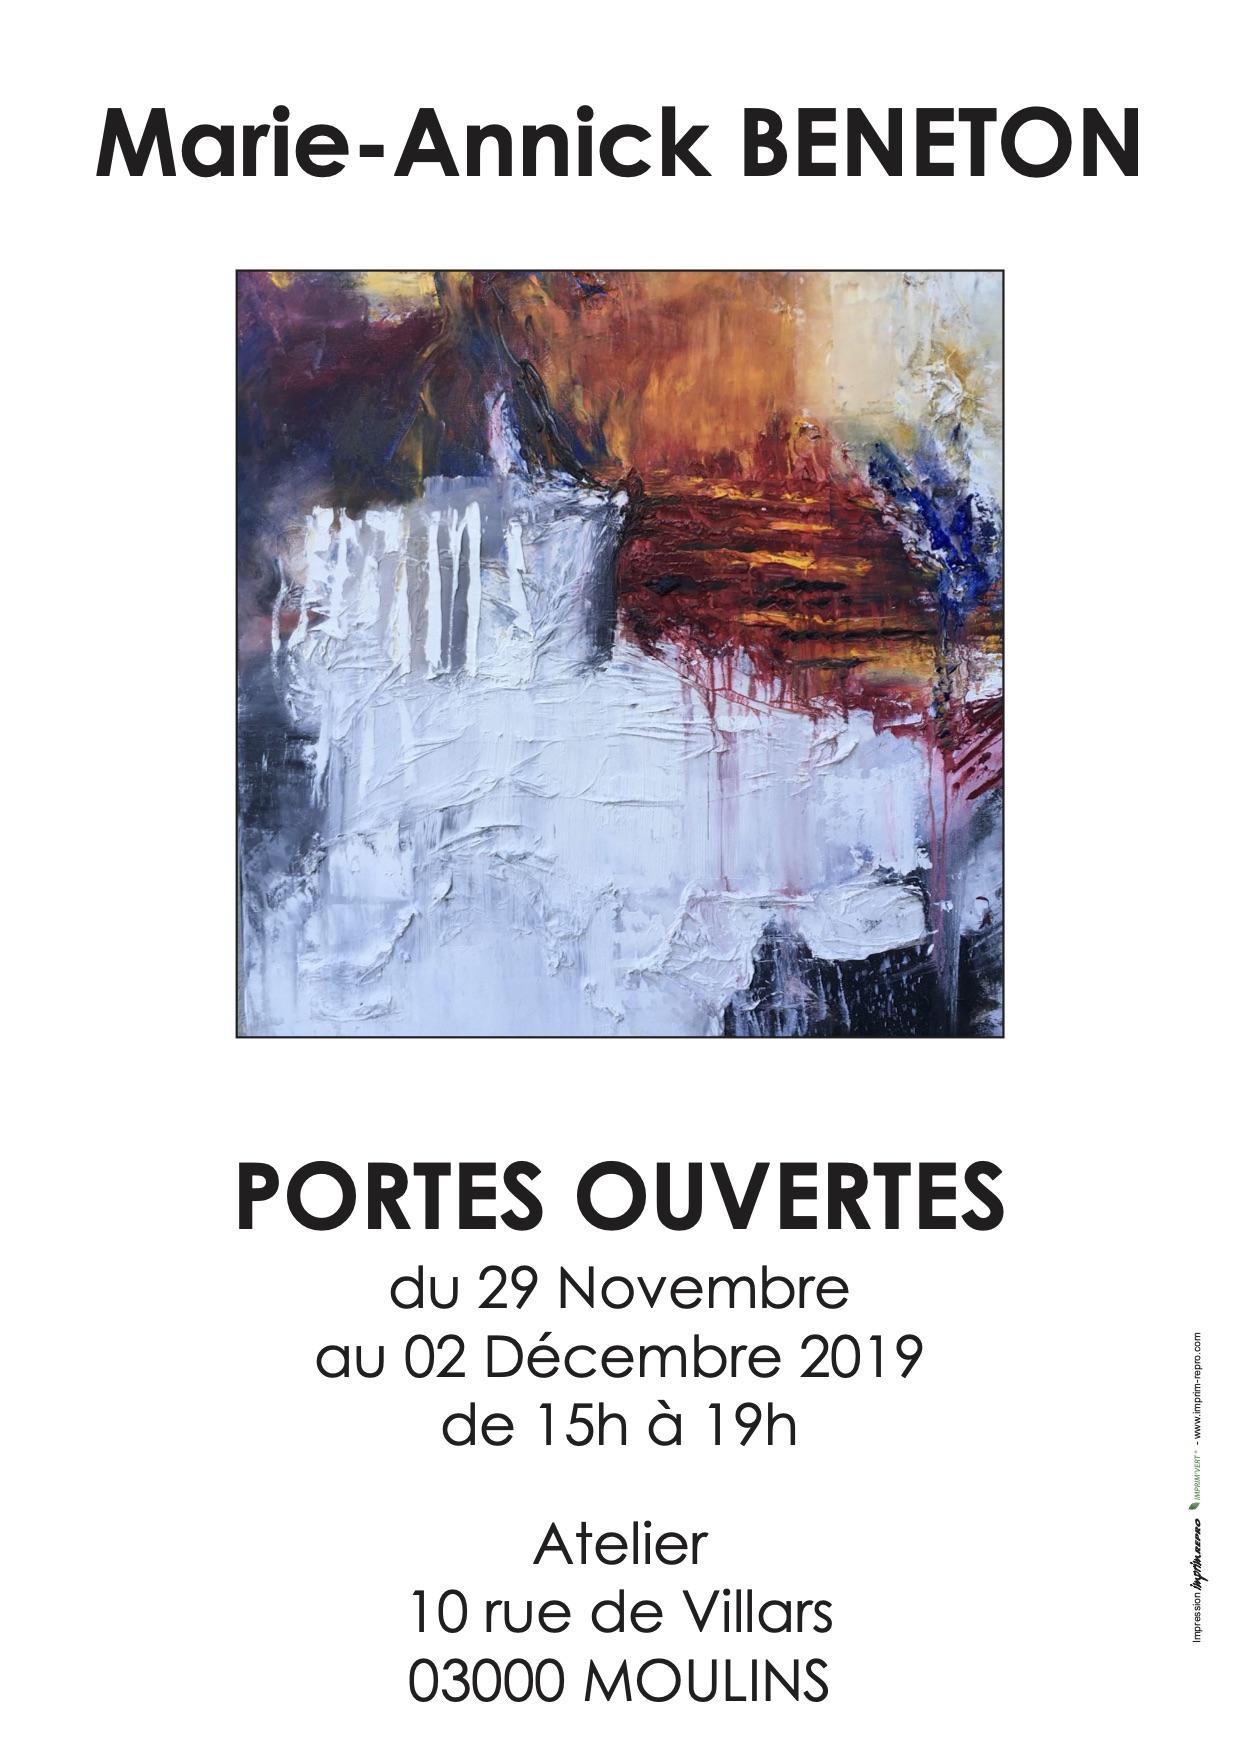 Affiche Portes ouvertes 2019